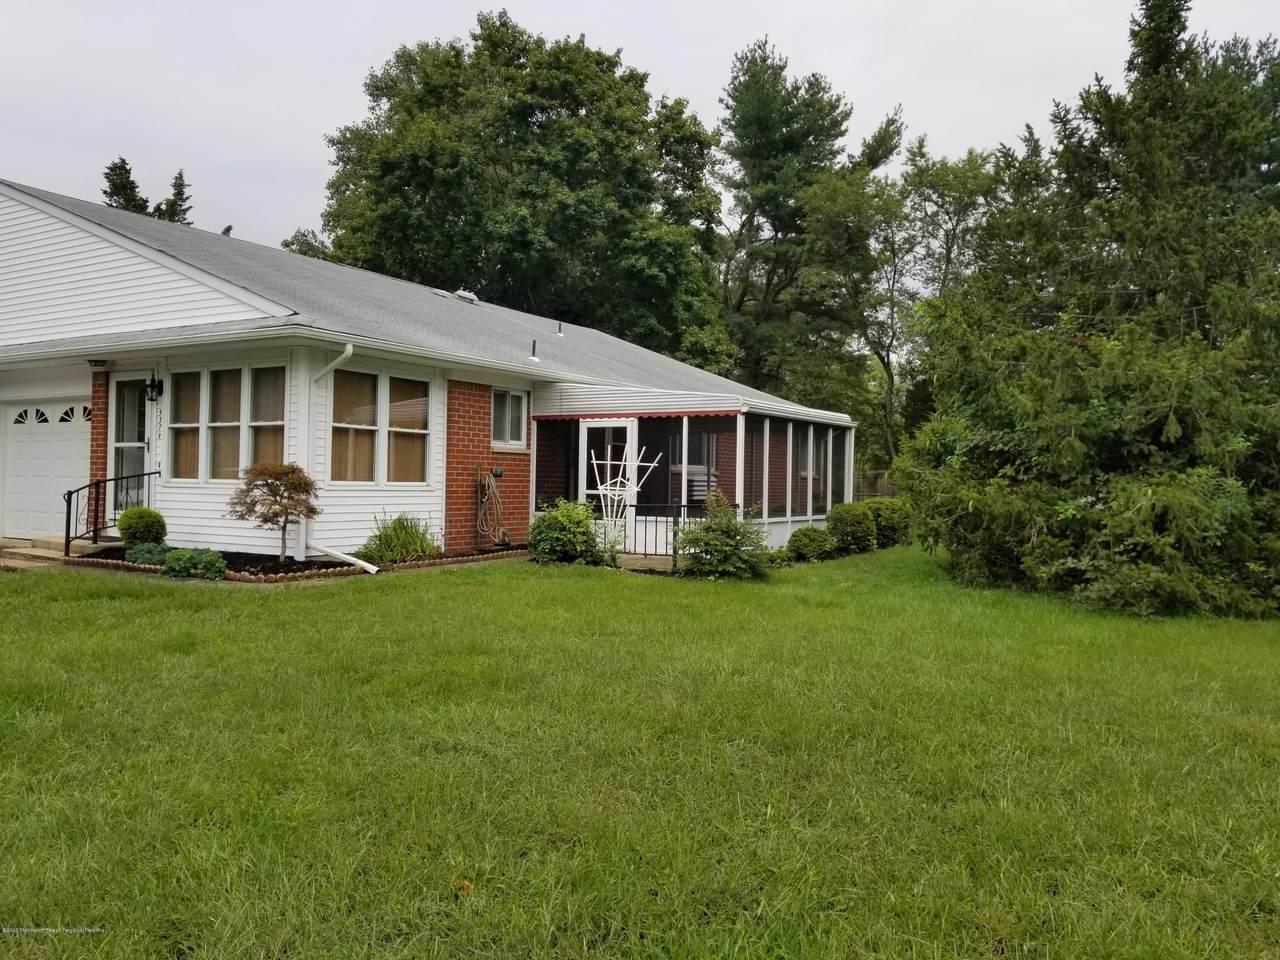 537 B Lilac Lane - Photo 1